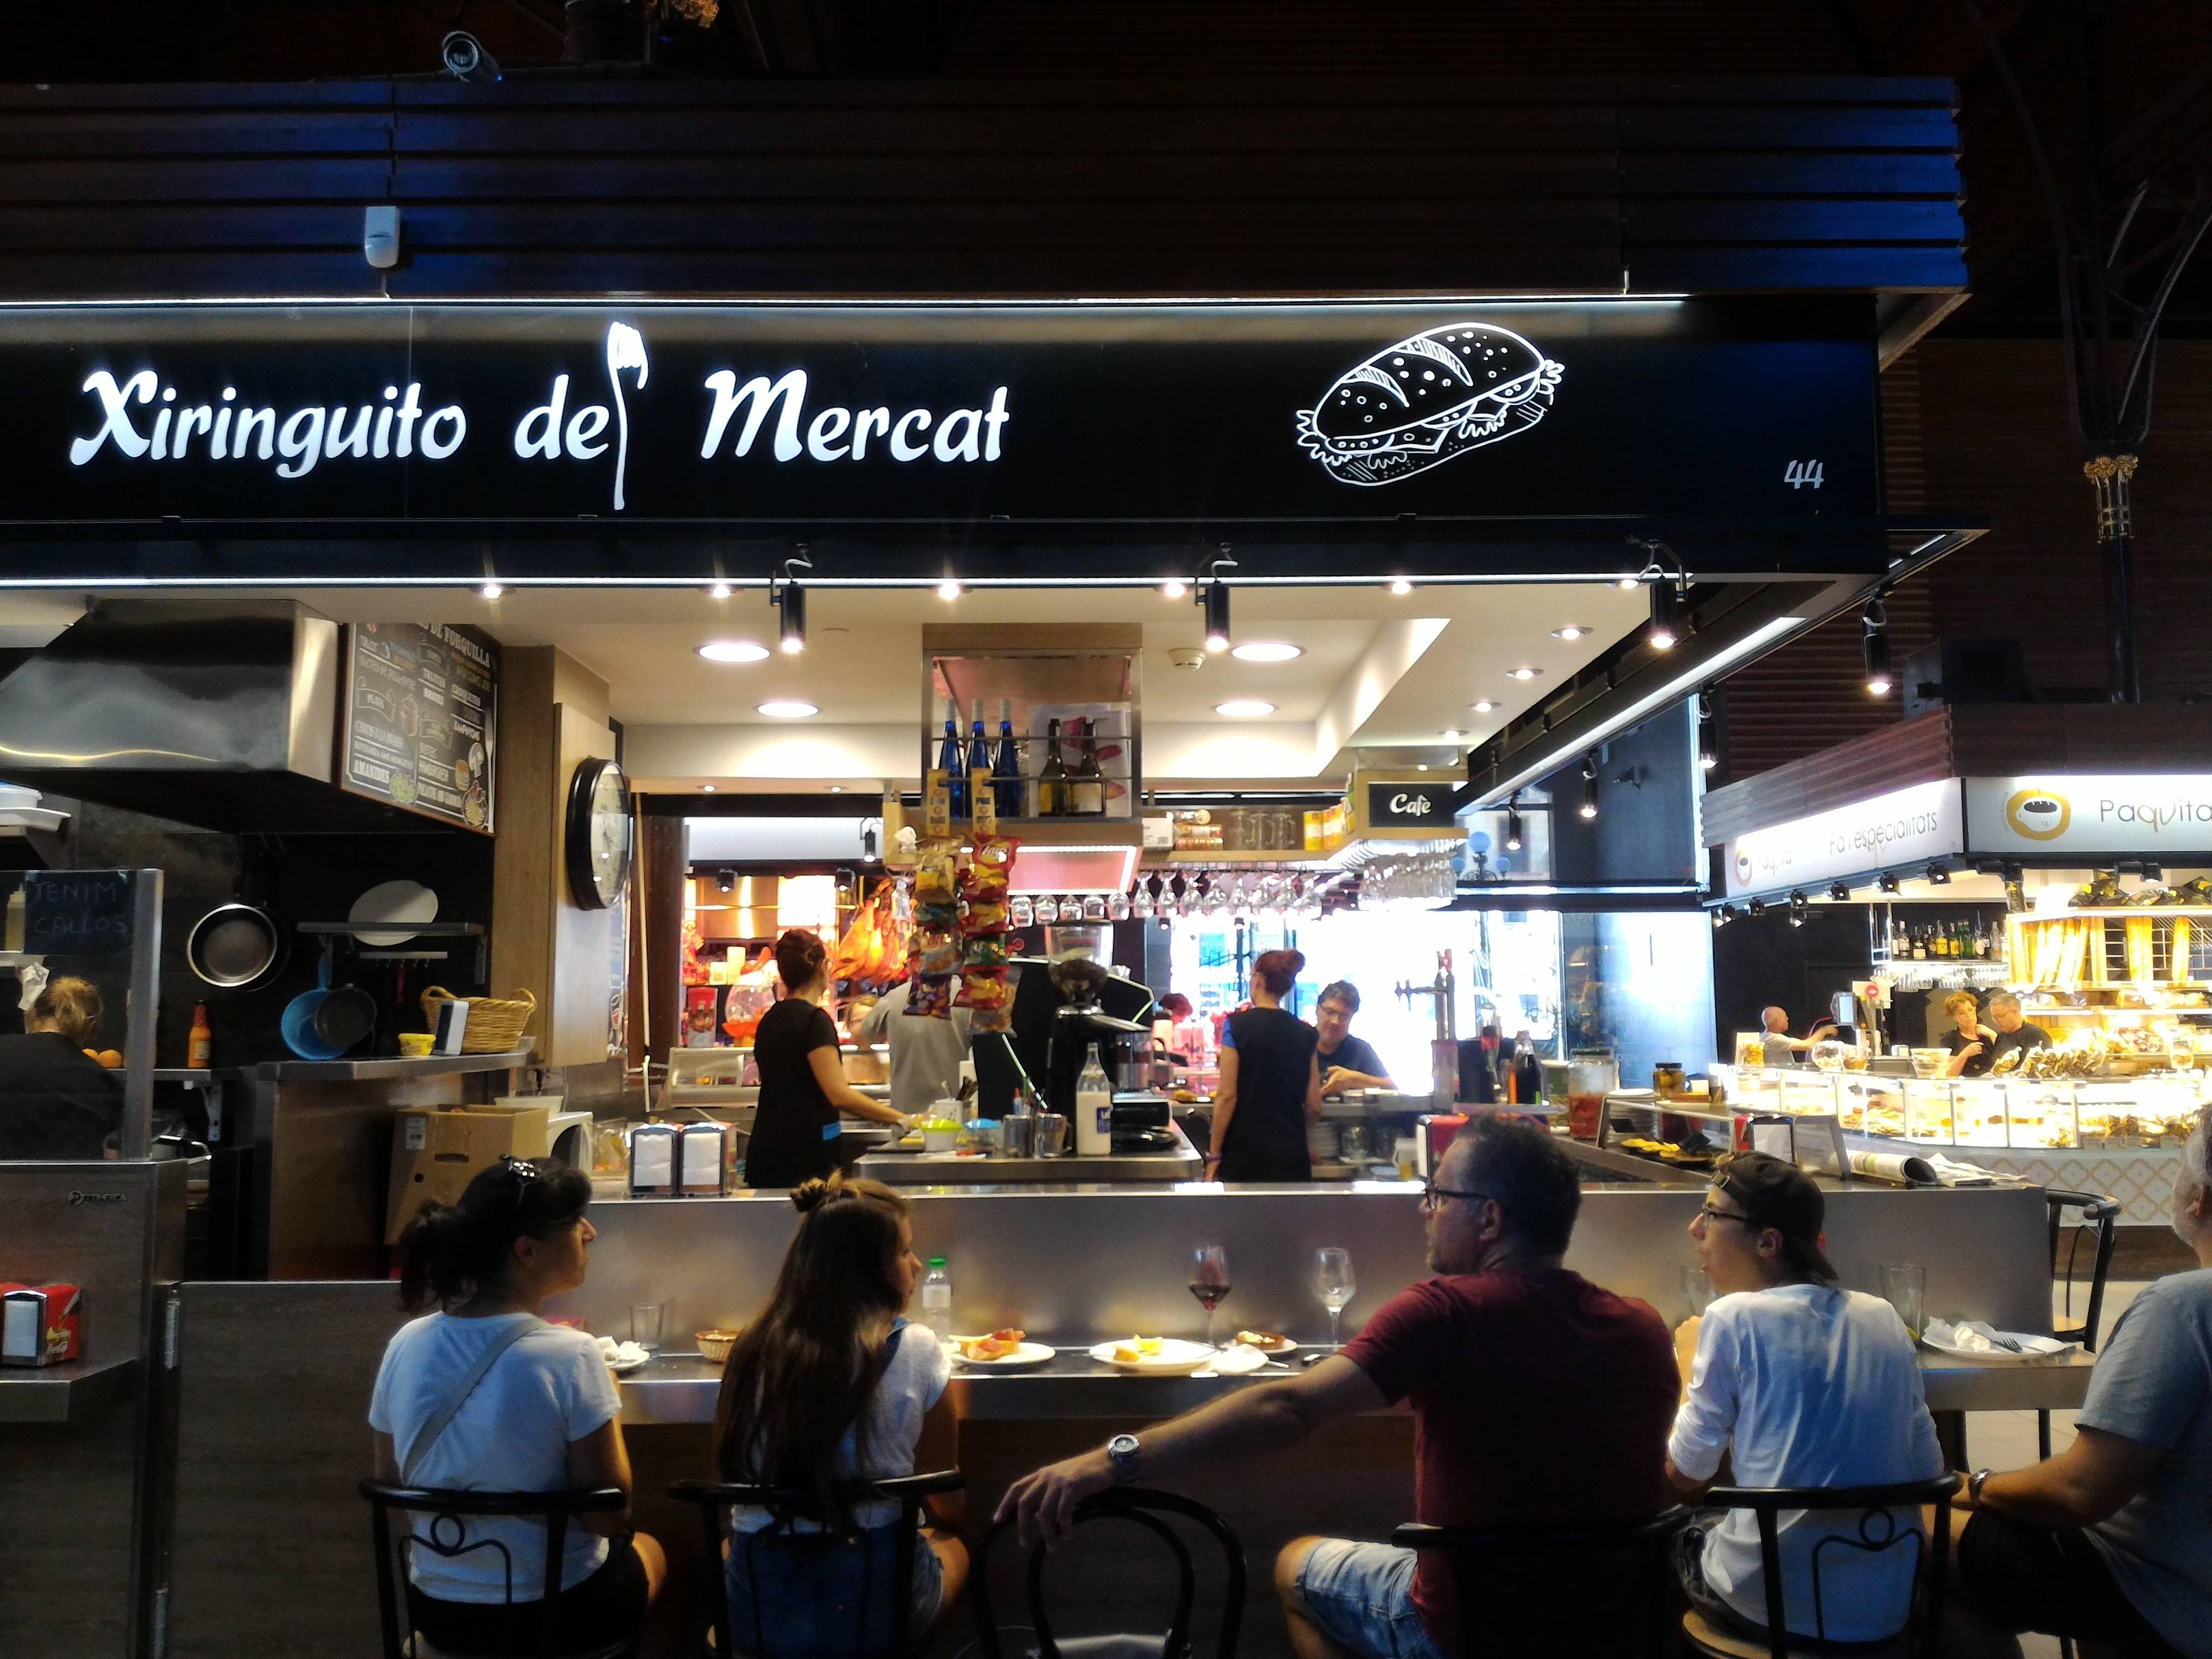 Photo 1: Xiringuito del Mercat